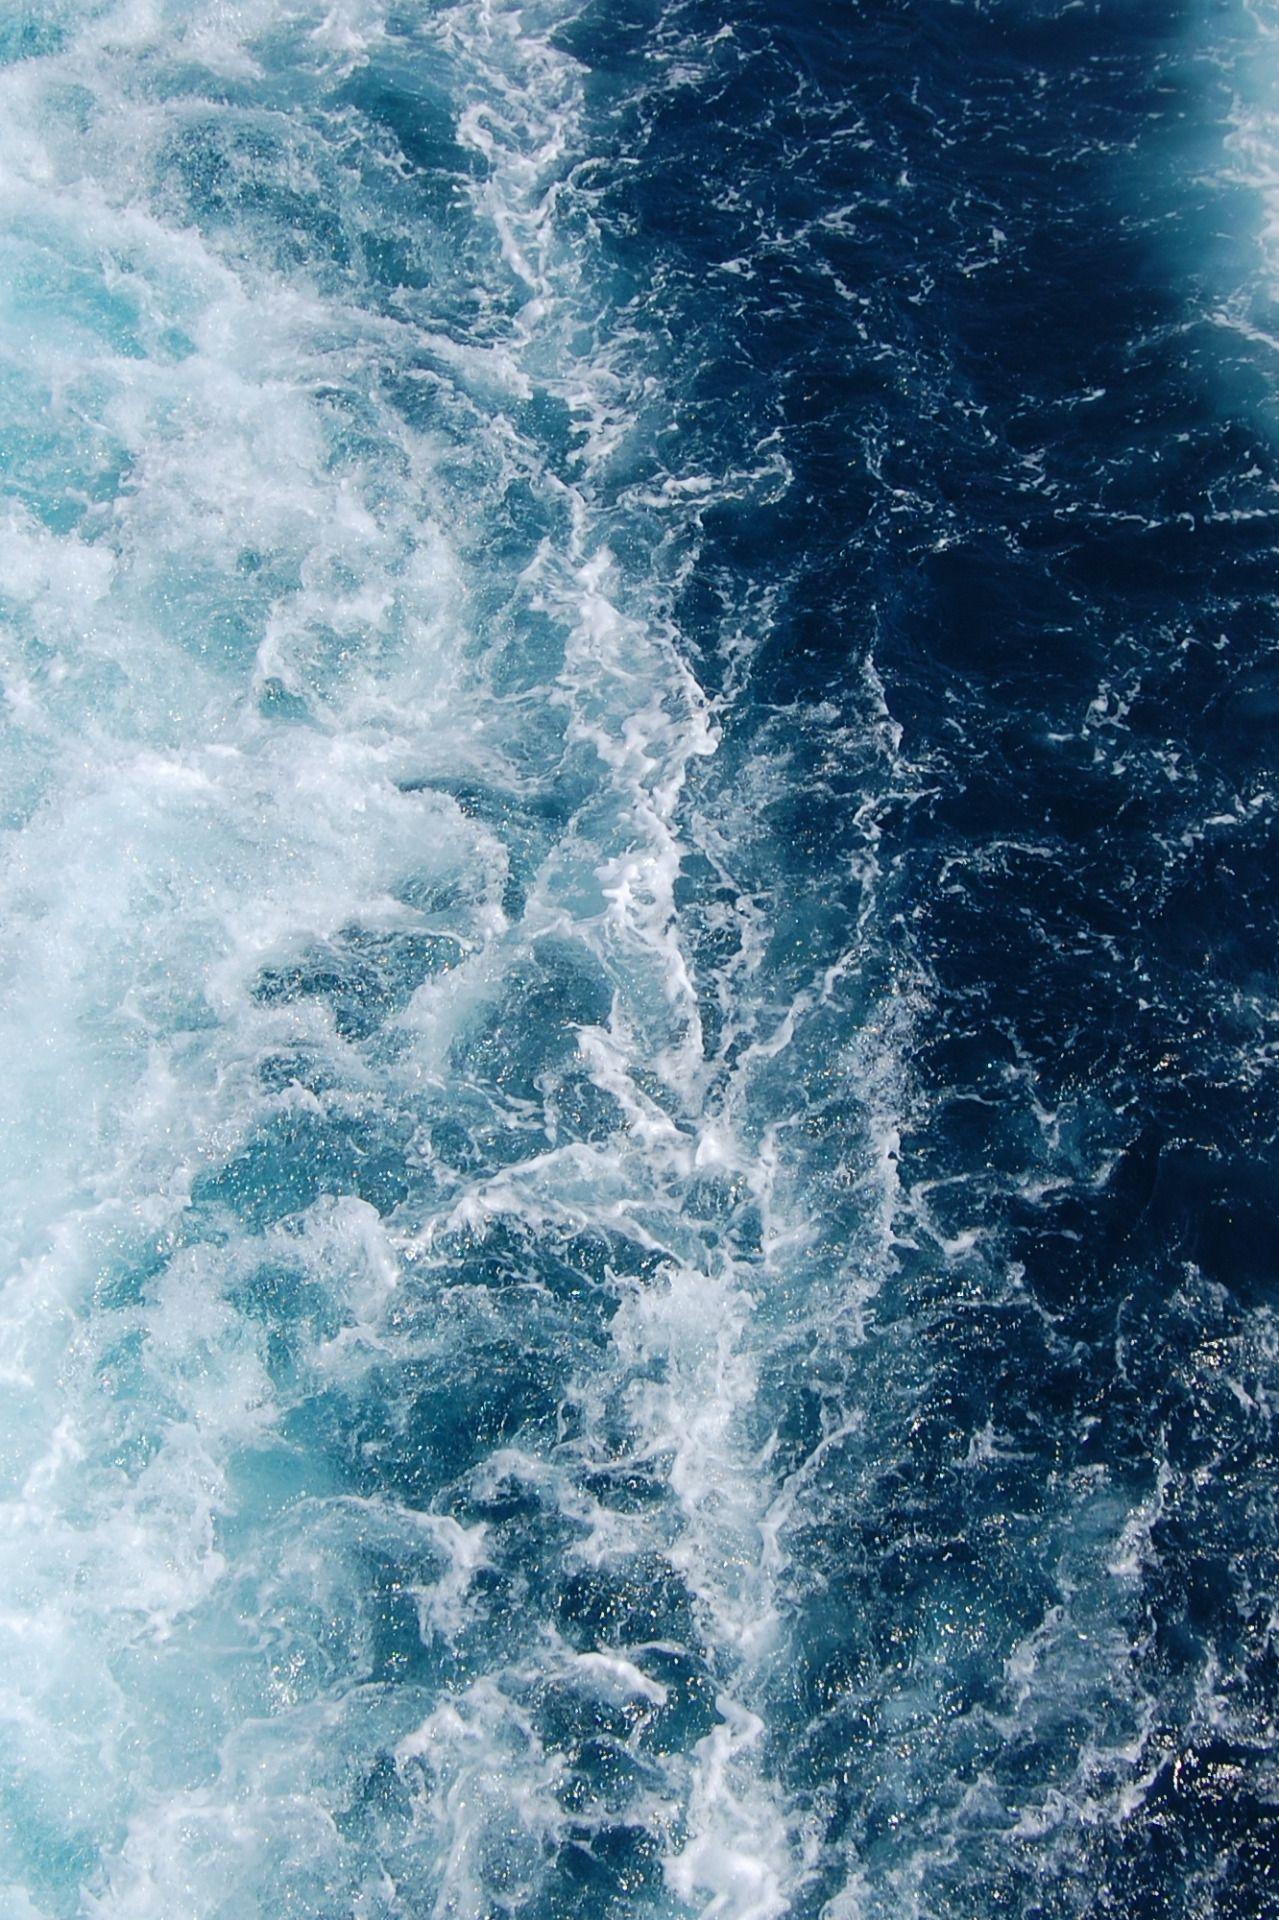 R2 d2 untitled by mariabogdanova art installation - Wallpaper ocean blue ...